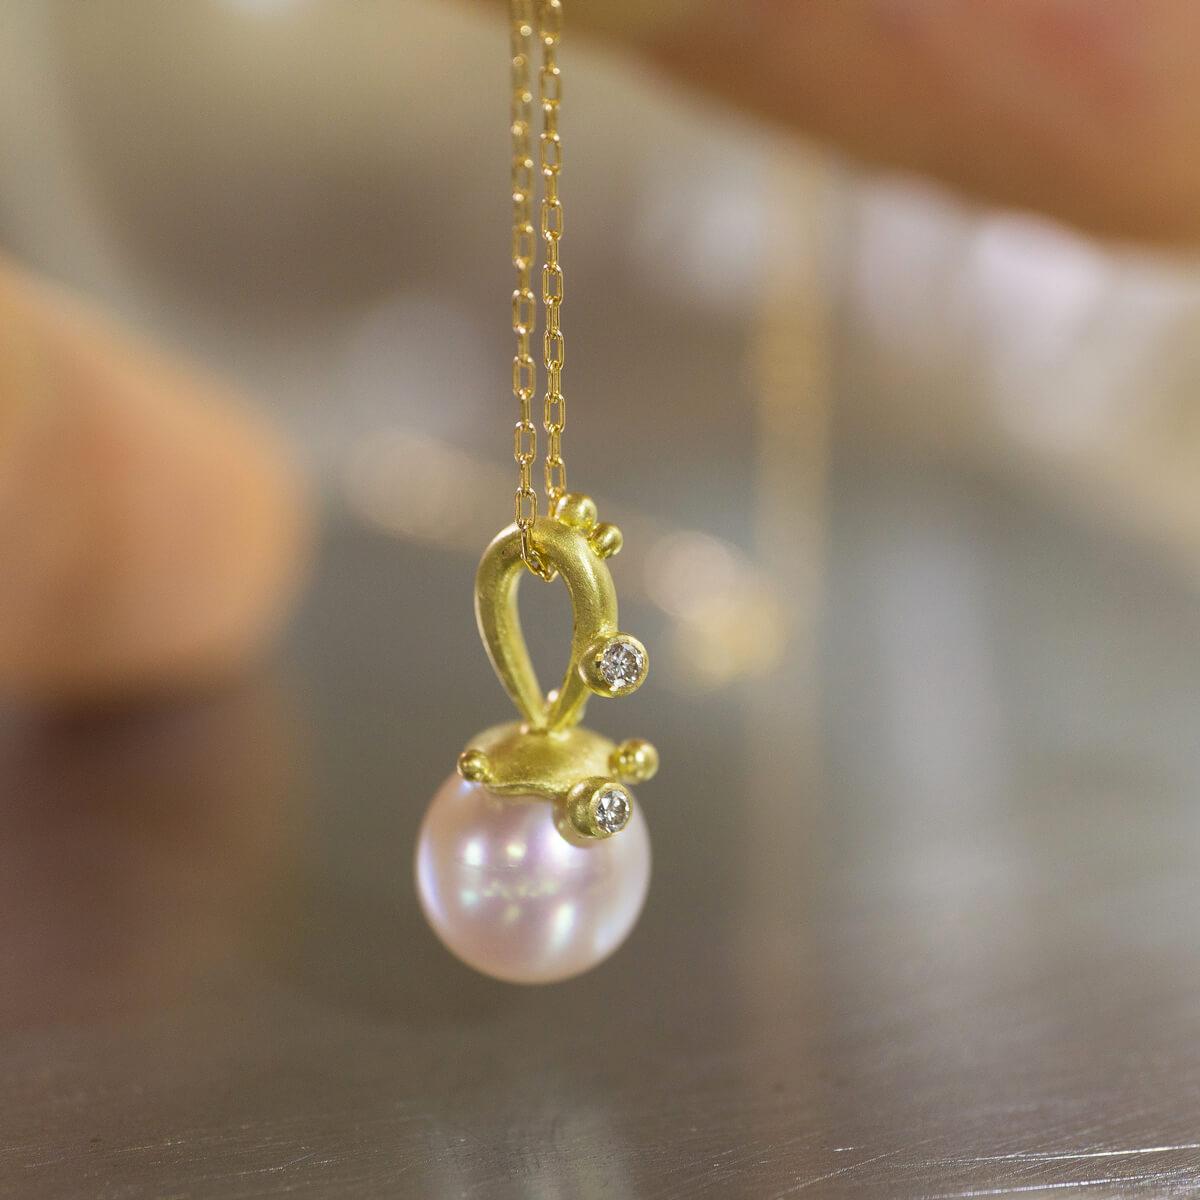 リメイクジュエリーのネックレス パール、ゴールド、ダイヤモンド 屋久島のしずくモチーフ オーダメイドの手作りジュエリー